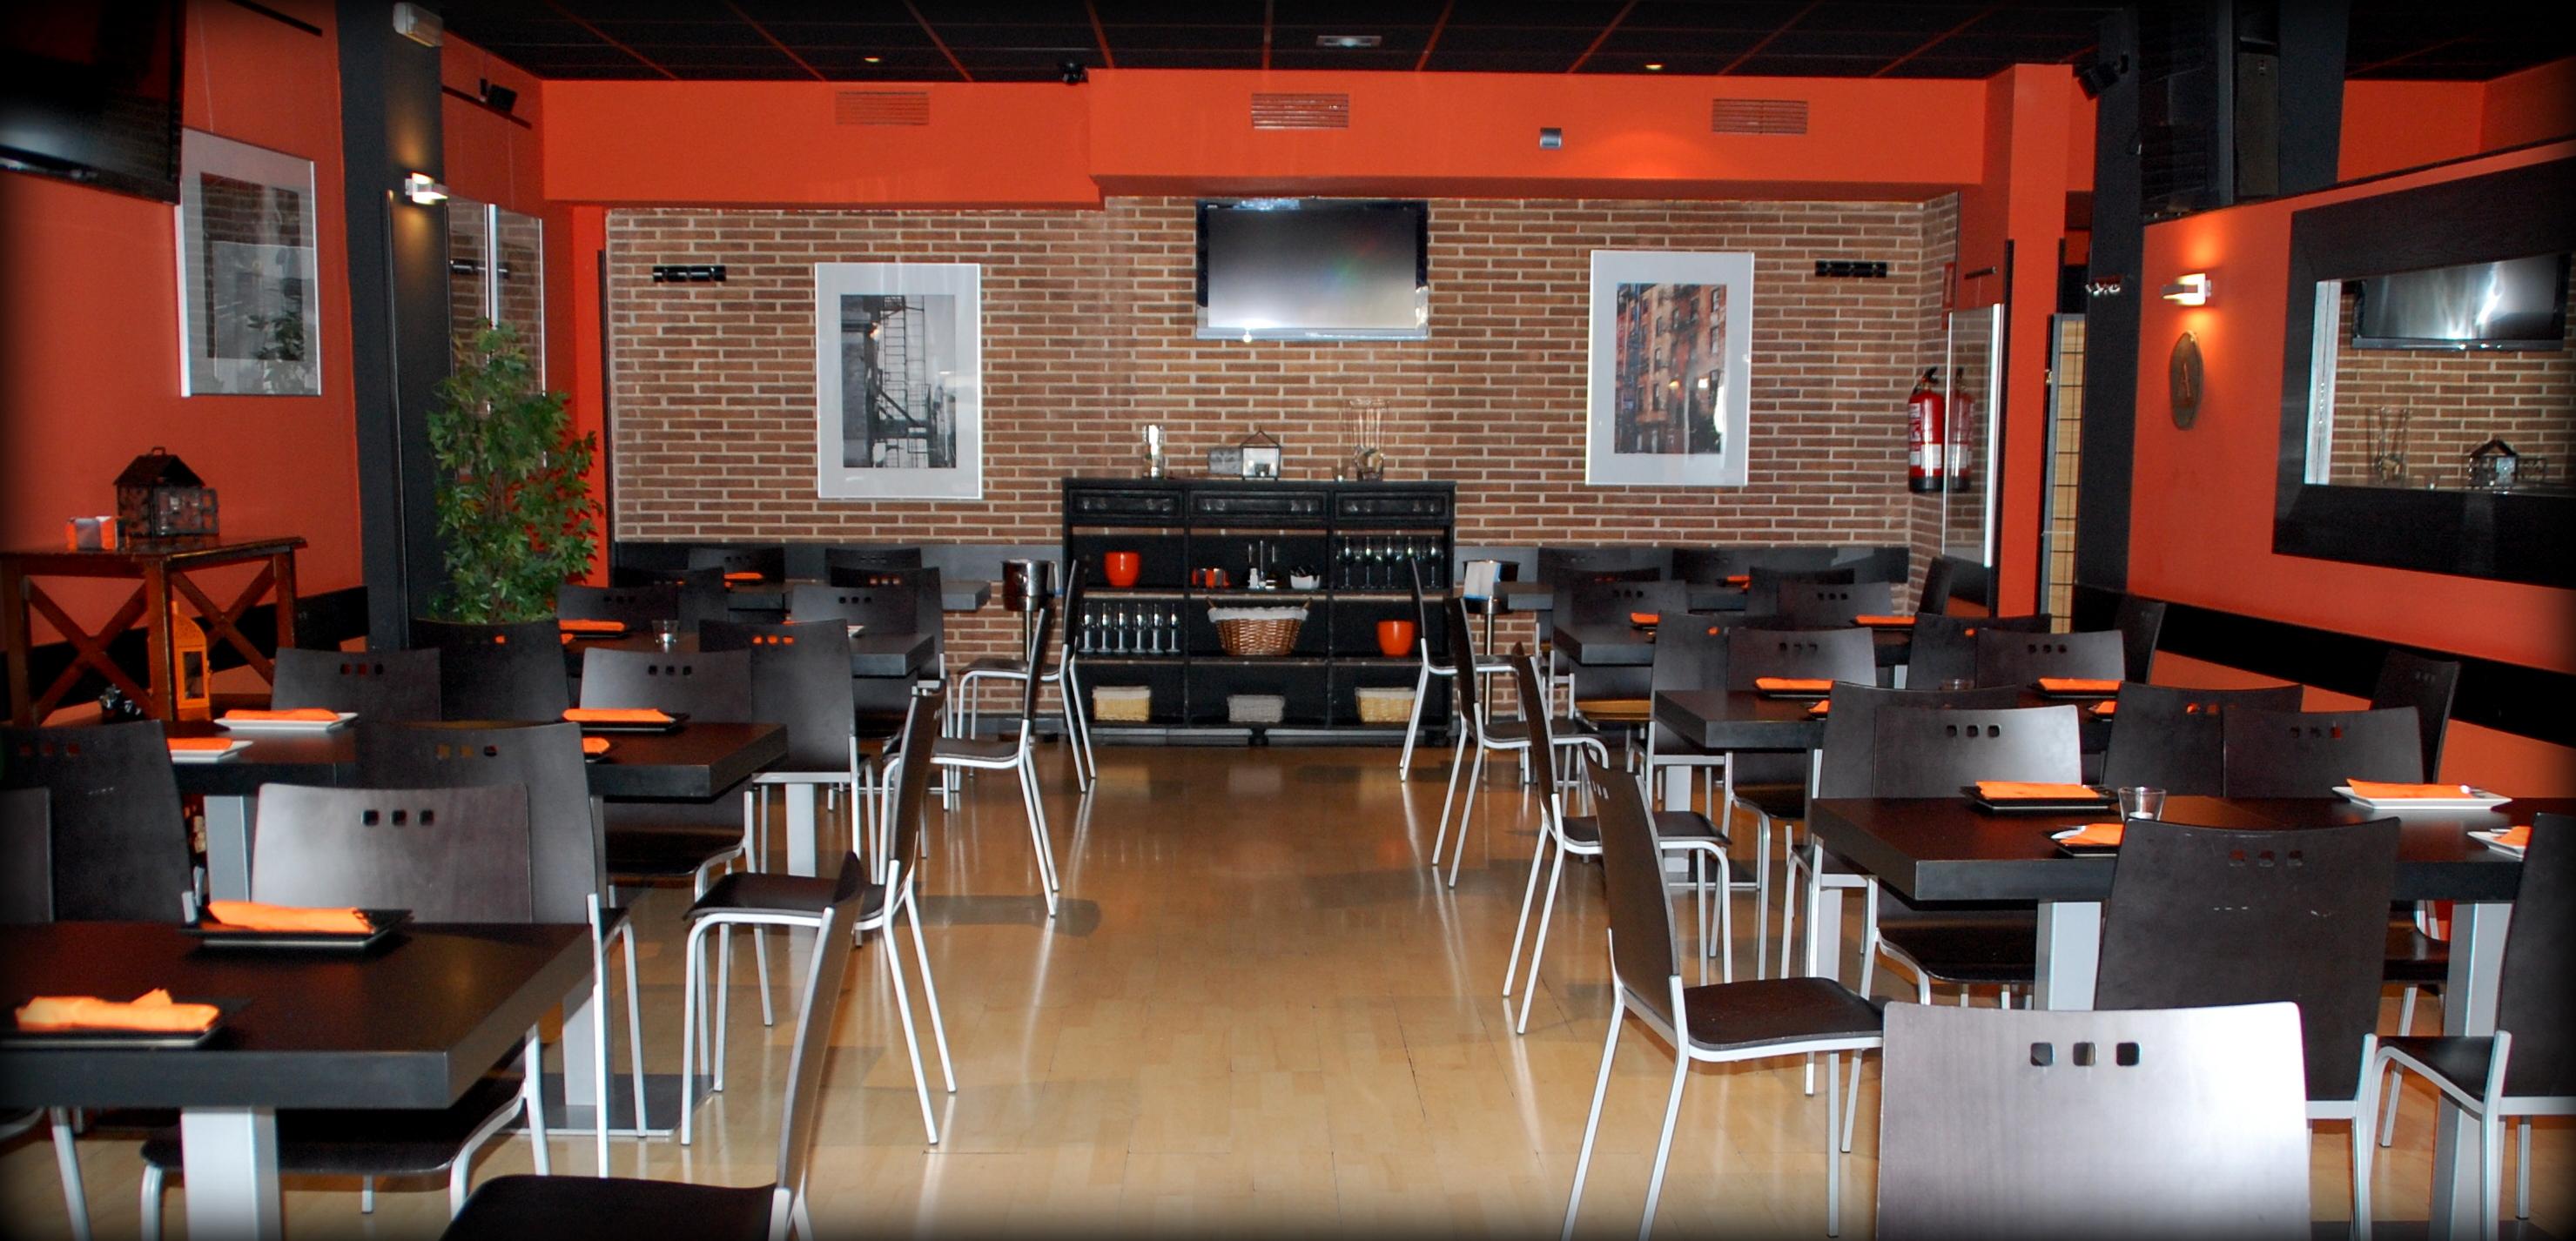 La alternativa las rozas restaurante bar de copas - Spa las rozas ...